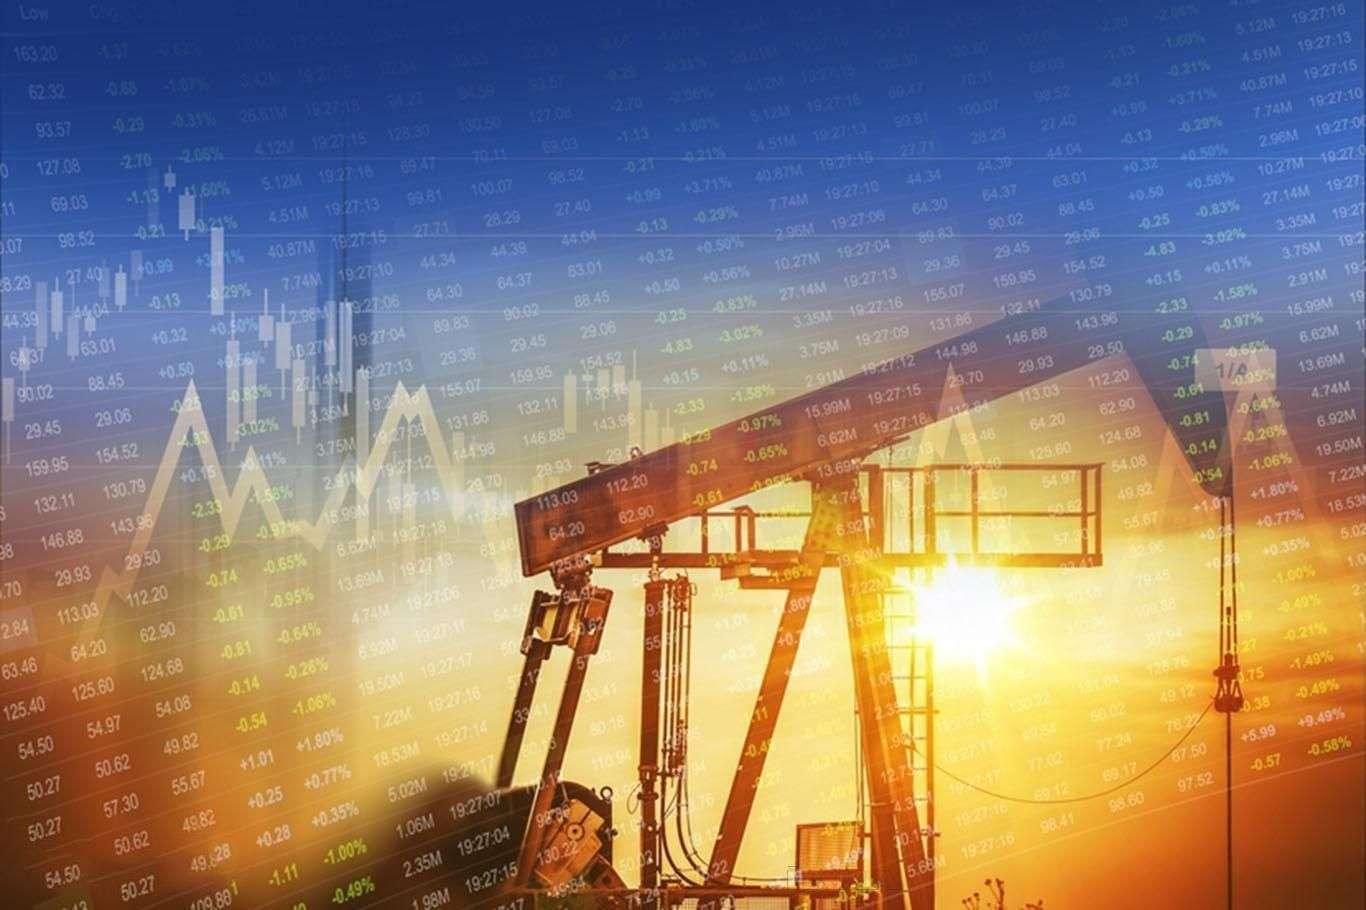 Brent Petrolün Varil Fiyatı İçin 70 Dolar Seviyelerinde Tahmin Ediliyor